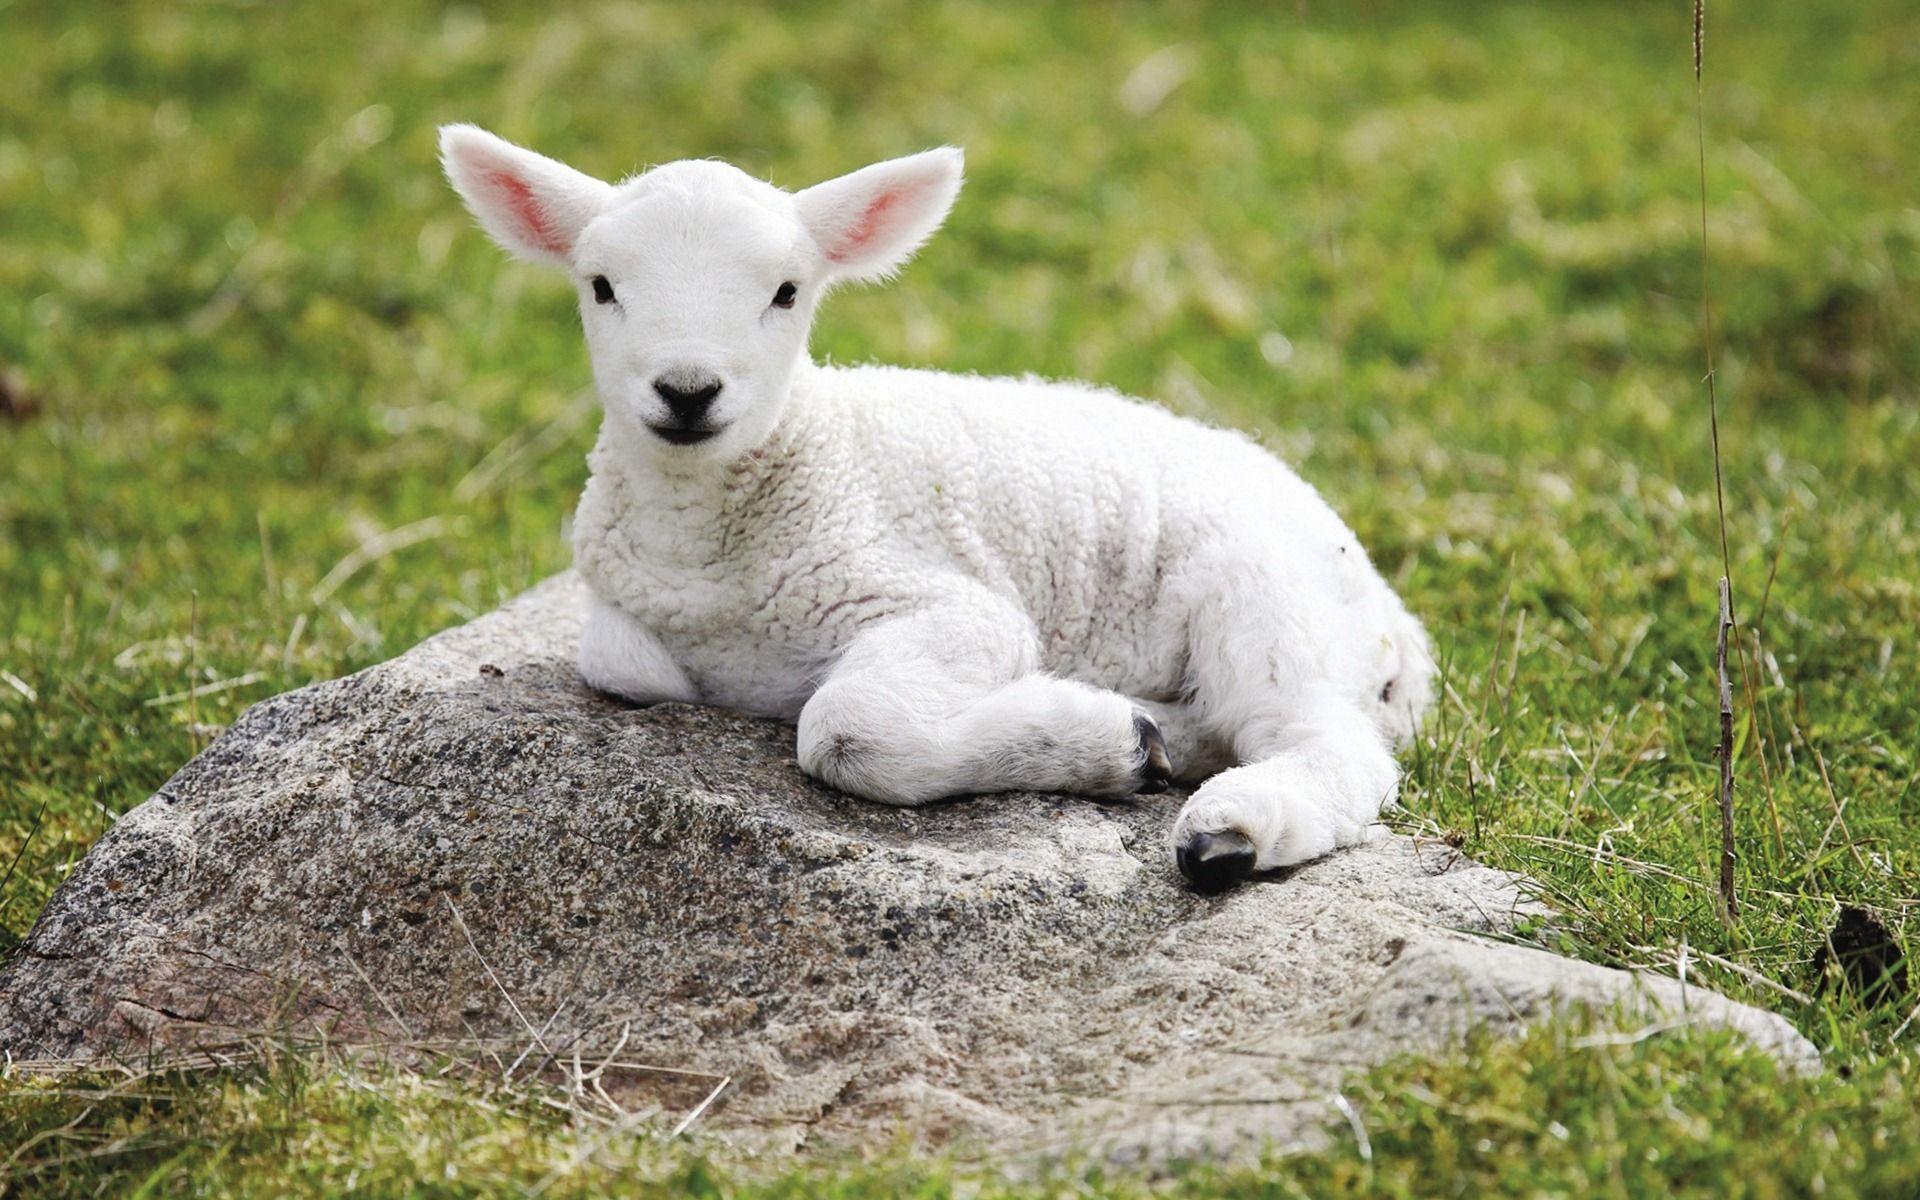 Sheep fetus - photo#11